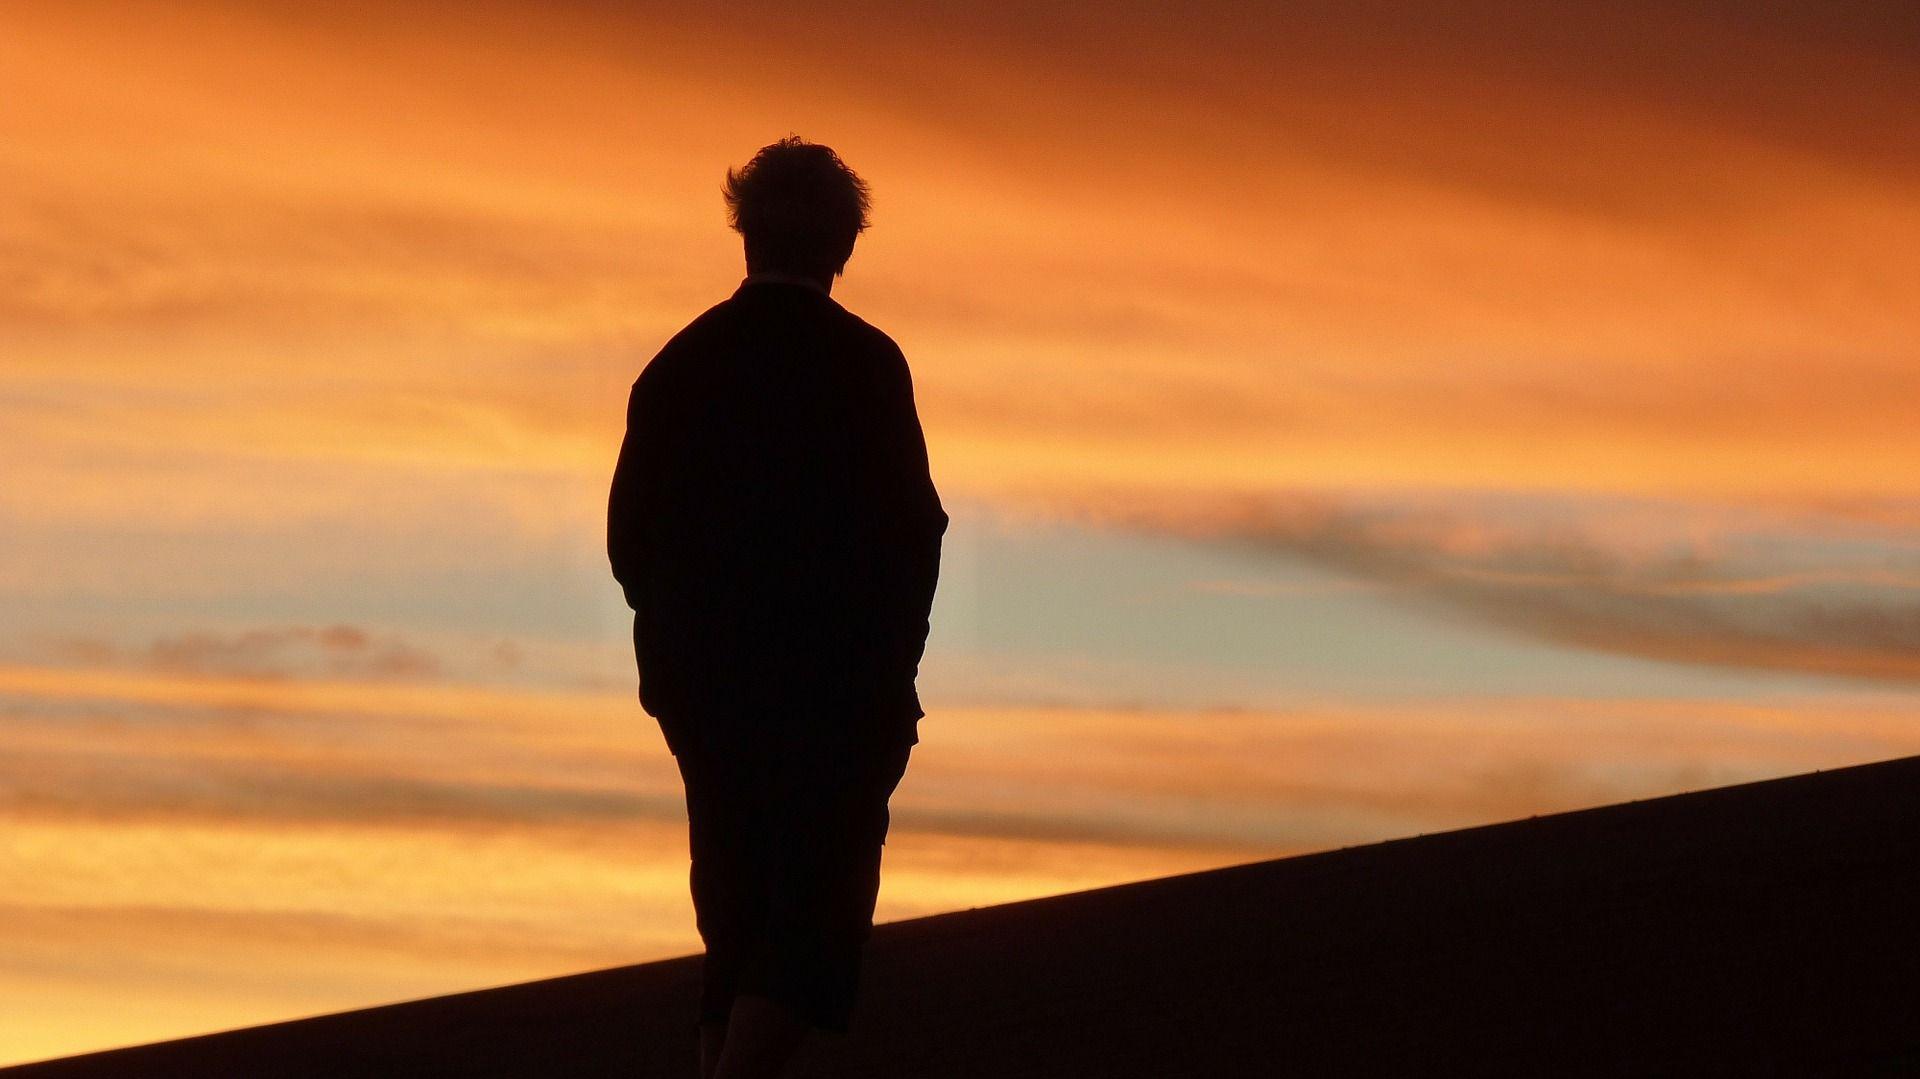 alone pic